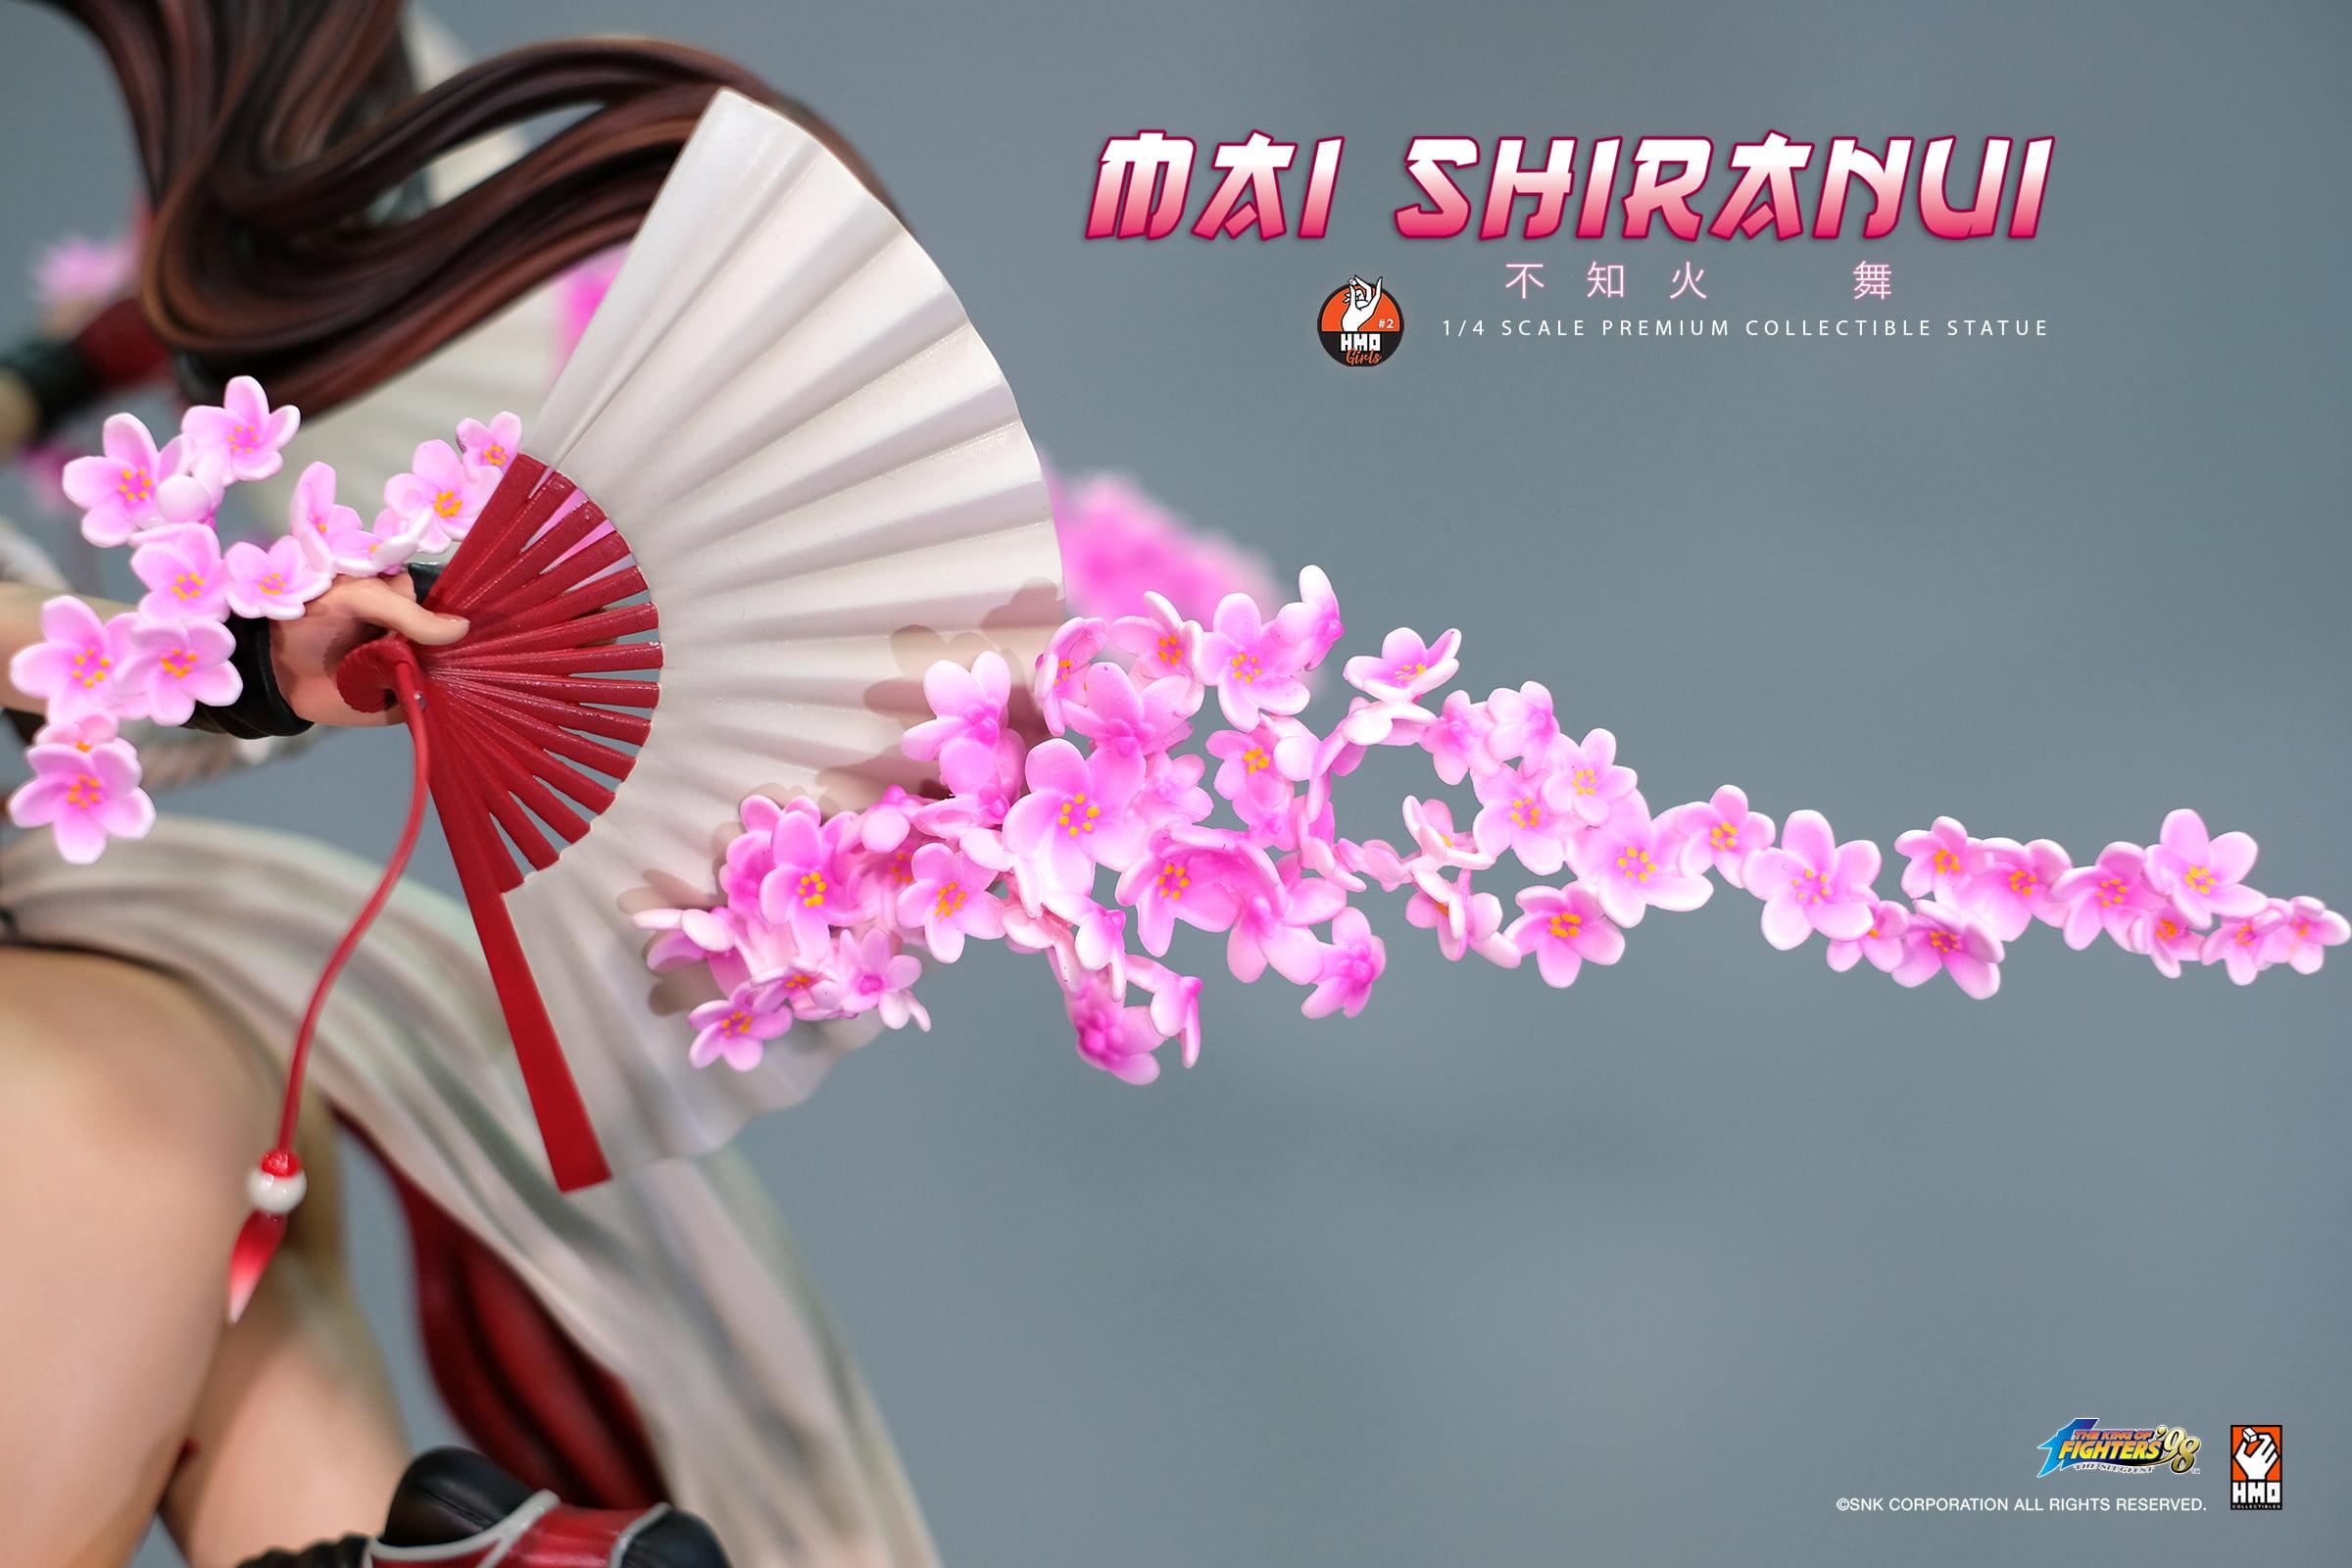 Honig Select Mai Shiranui